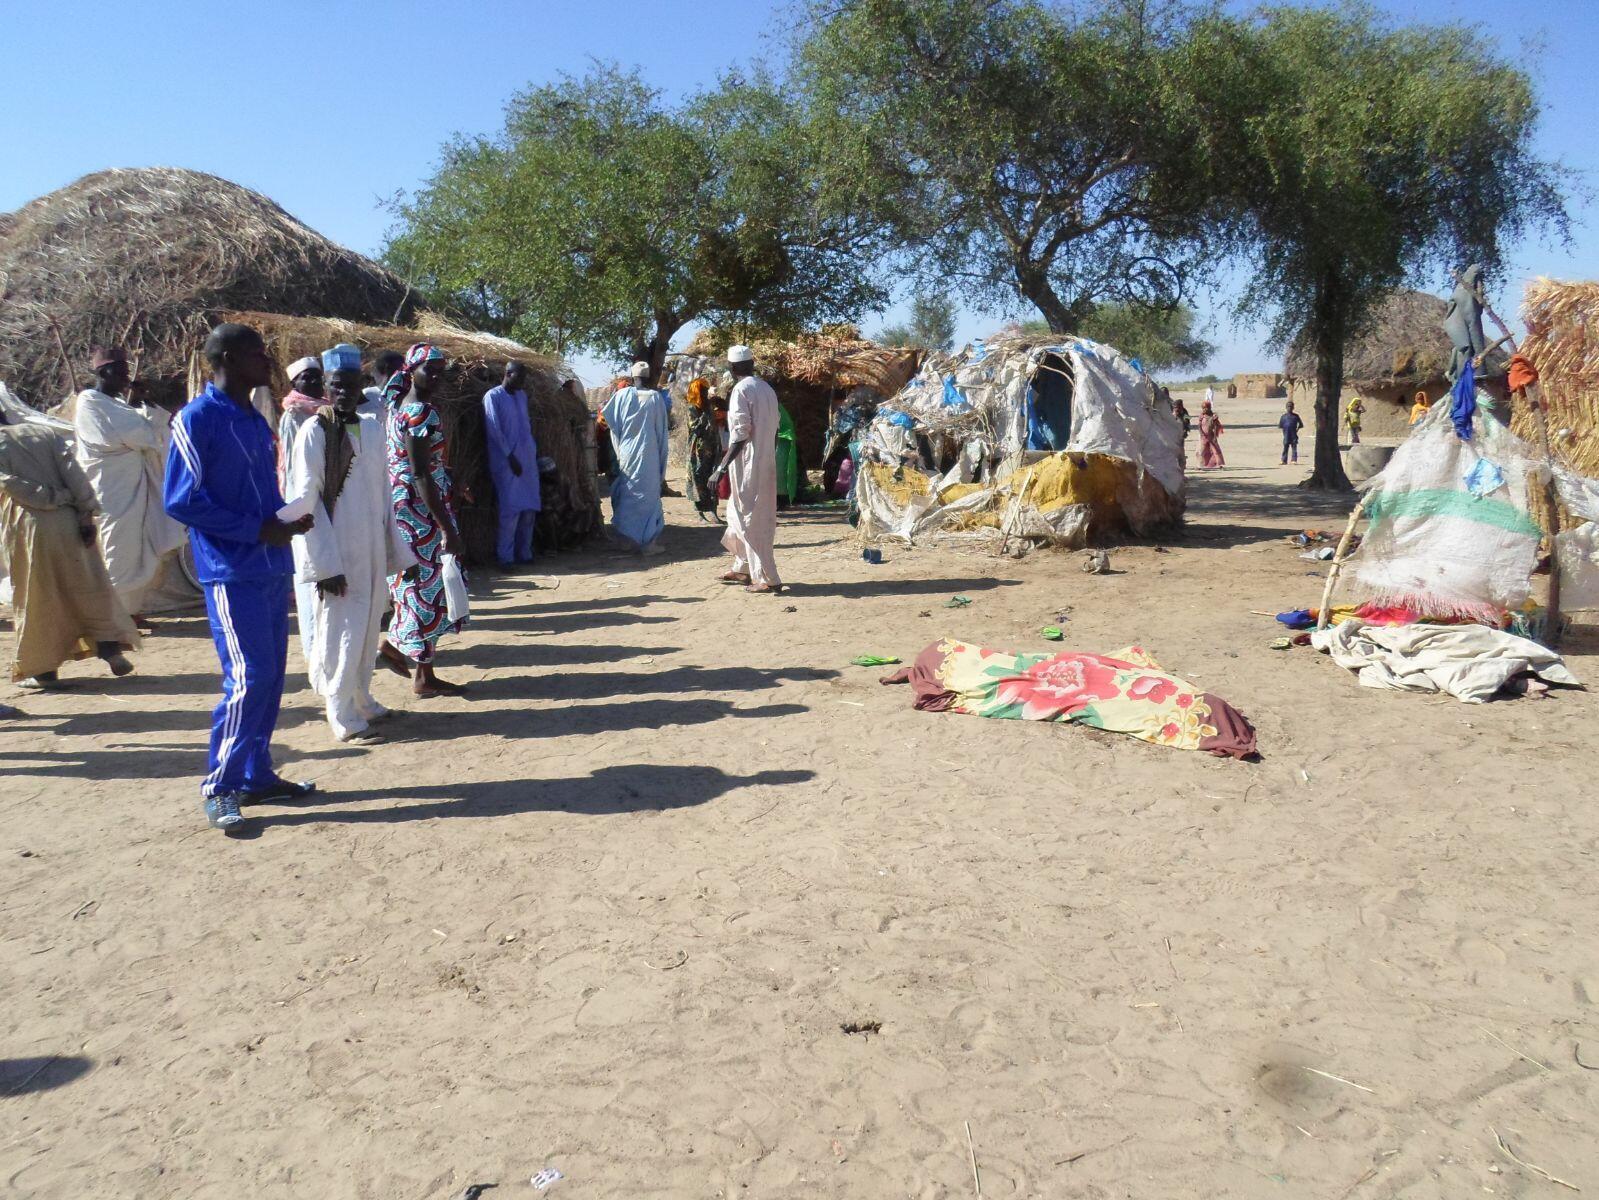 Le village de Nigué, à 2 km de Fotokol, où s'est produit l'attentat-suicide. Toutes les photos ont été prises samedi 21 novembre par notre Observateur sur place.